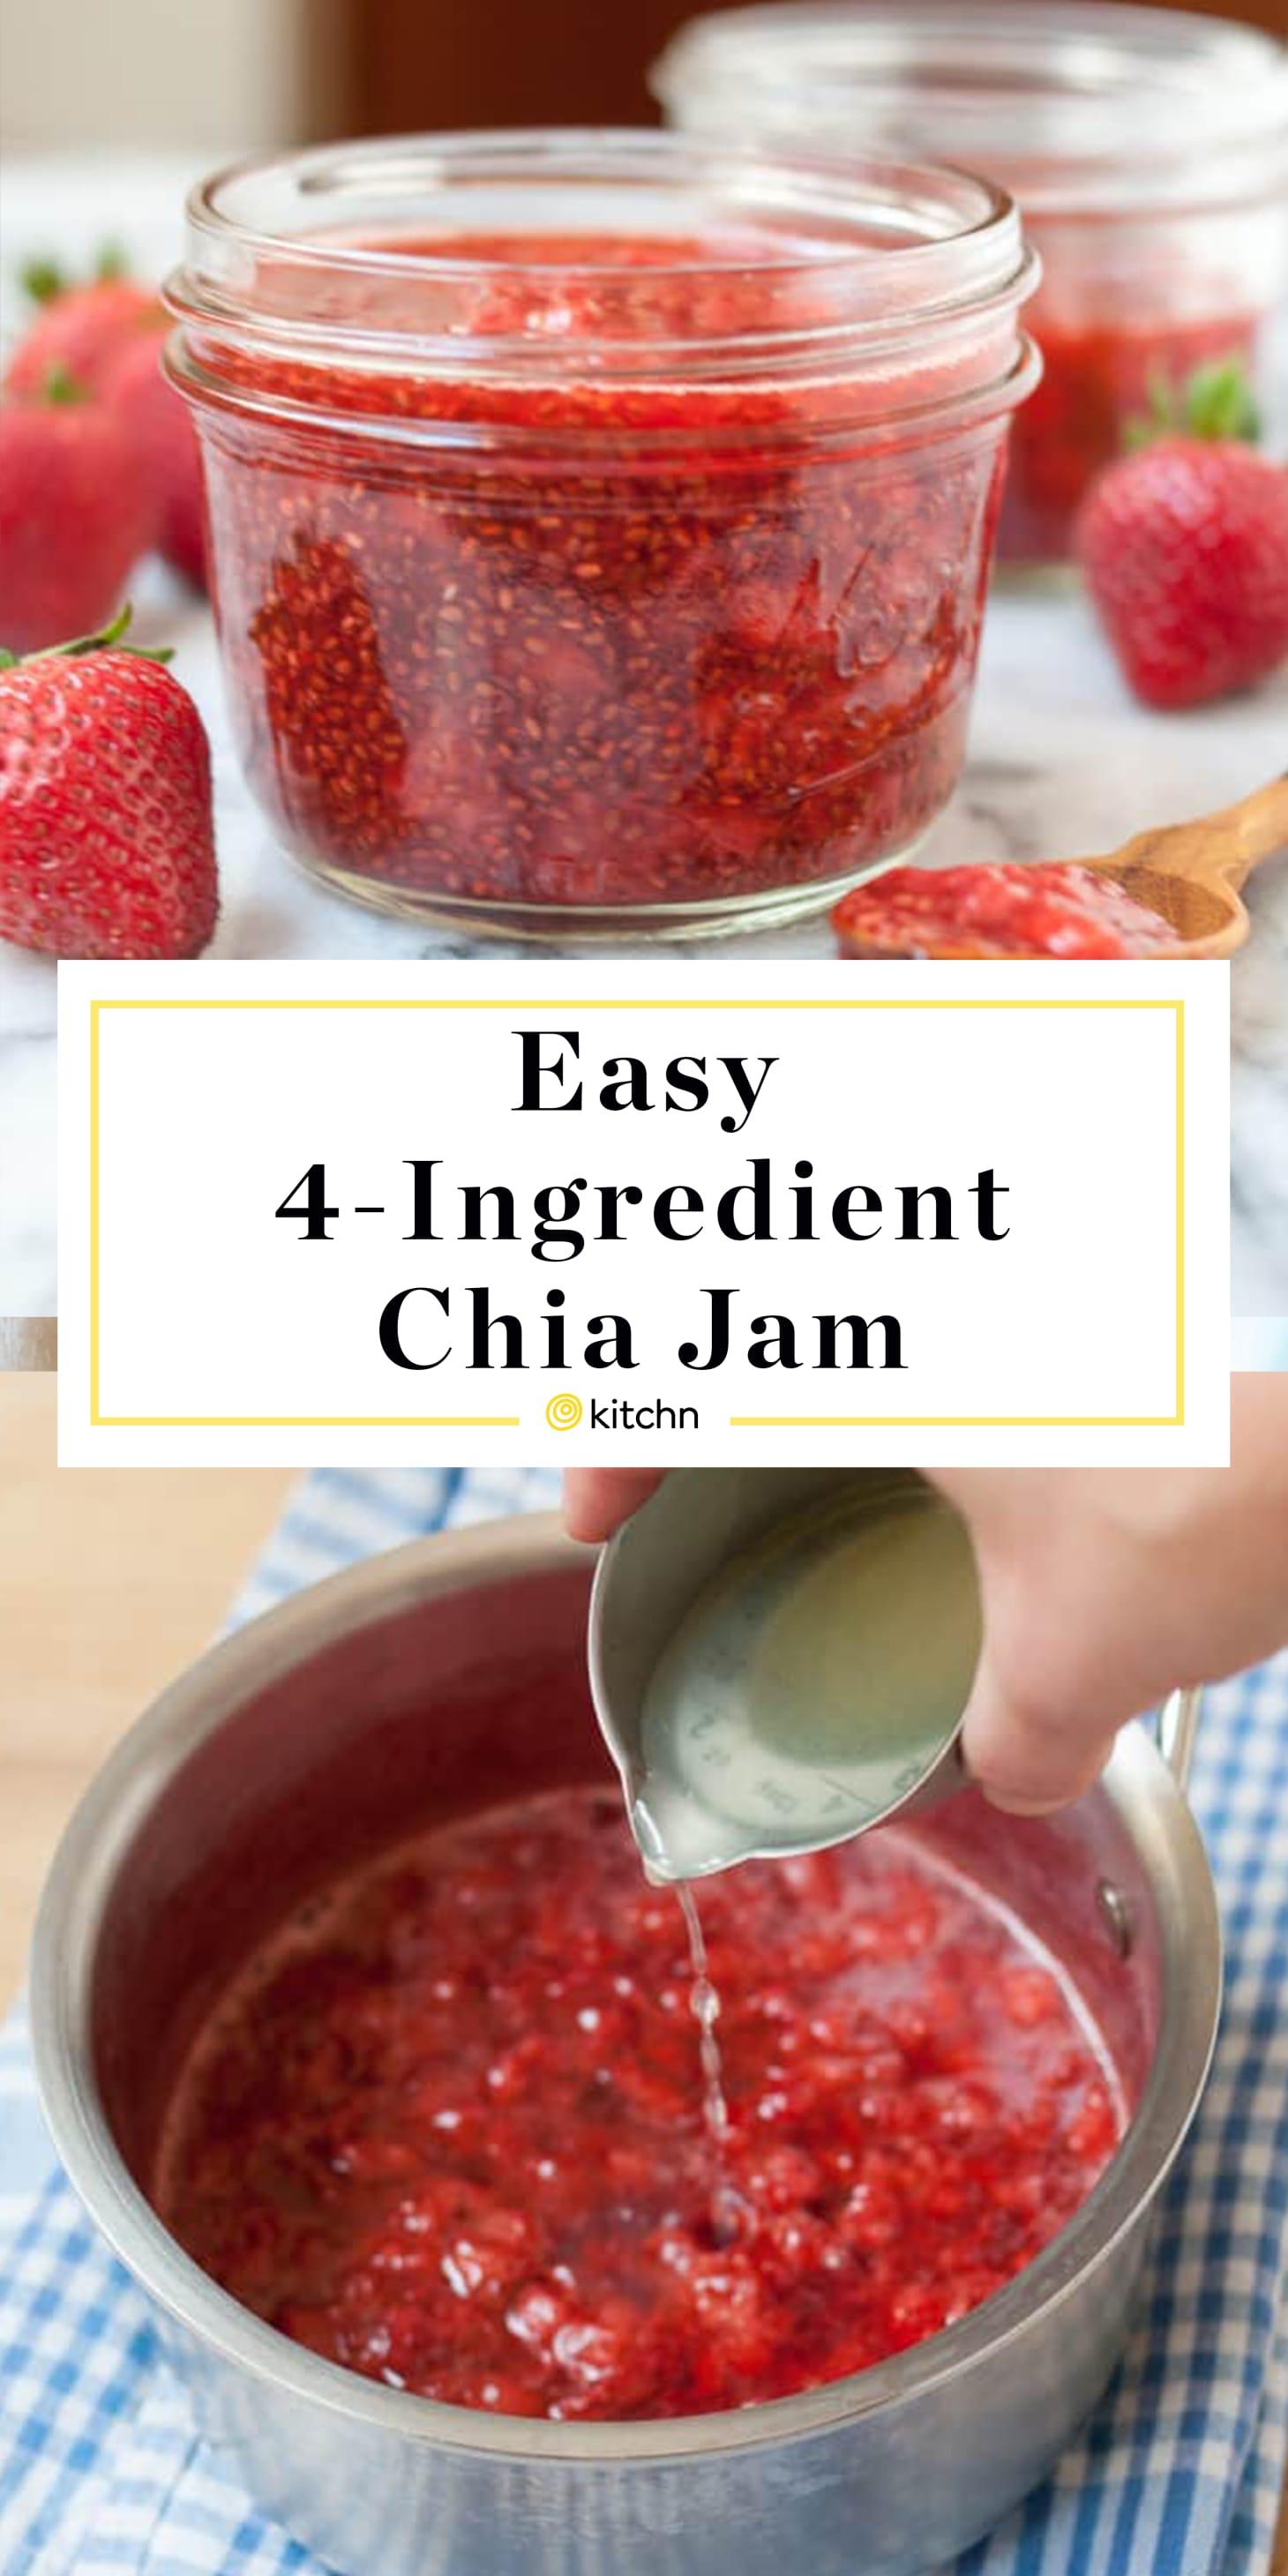 How To Make Easy Chia Jam